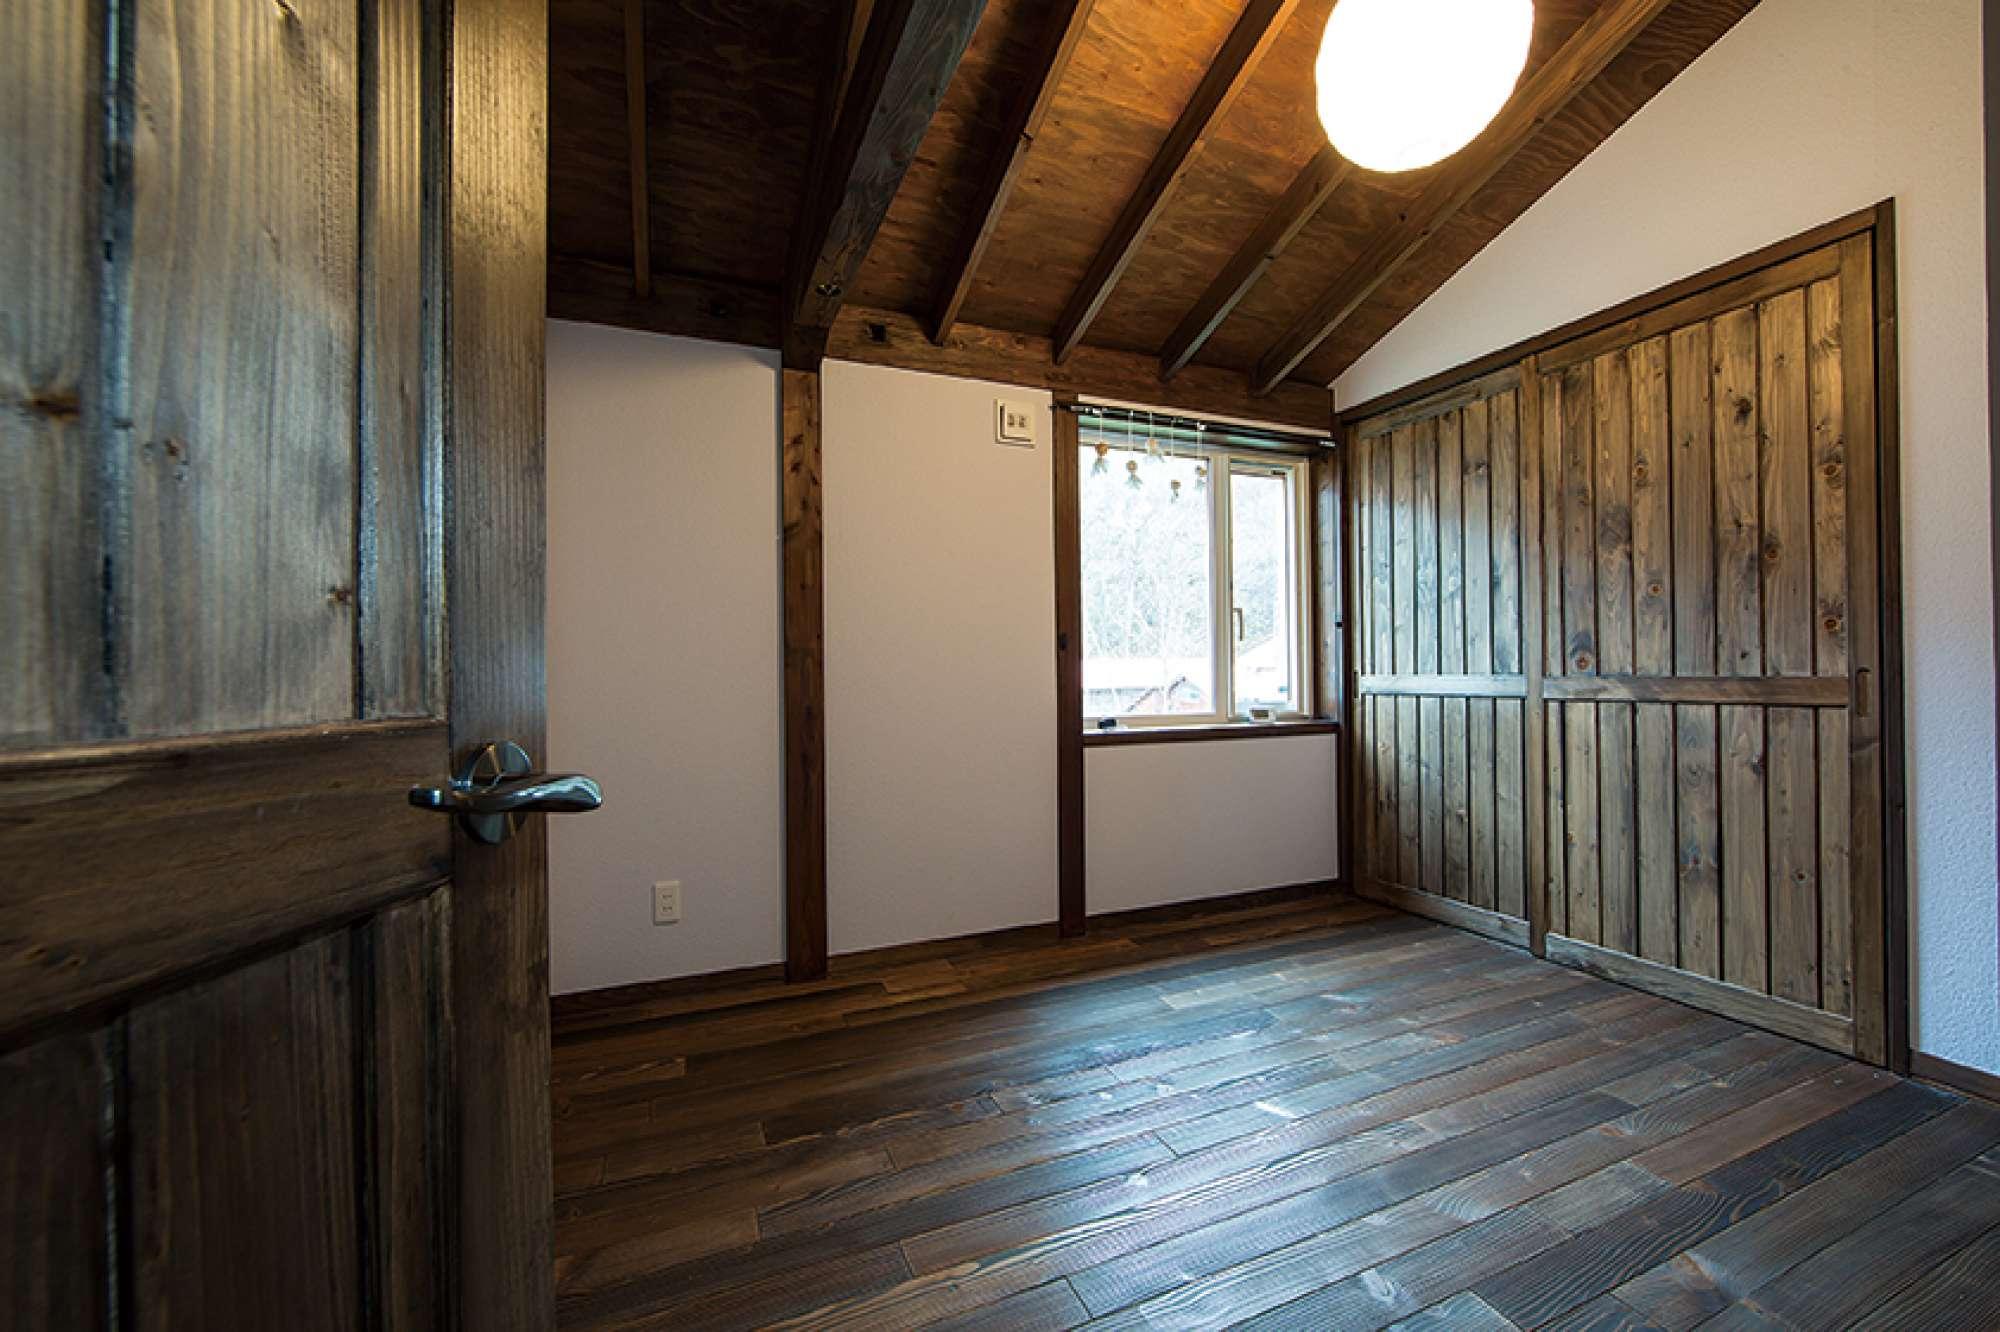 2階寝室。写真右手前にワイドなウォークスルークロゼットも -  -  -